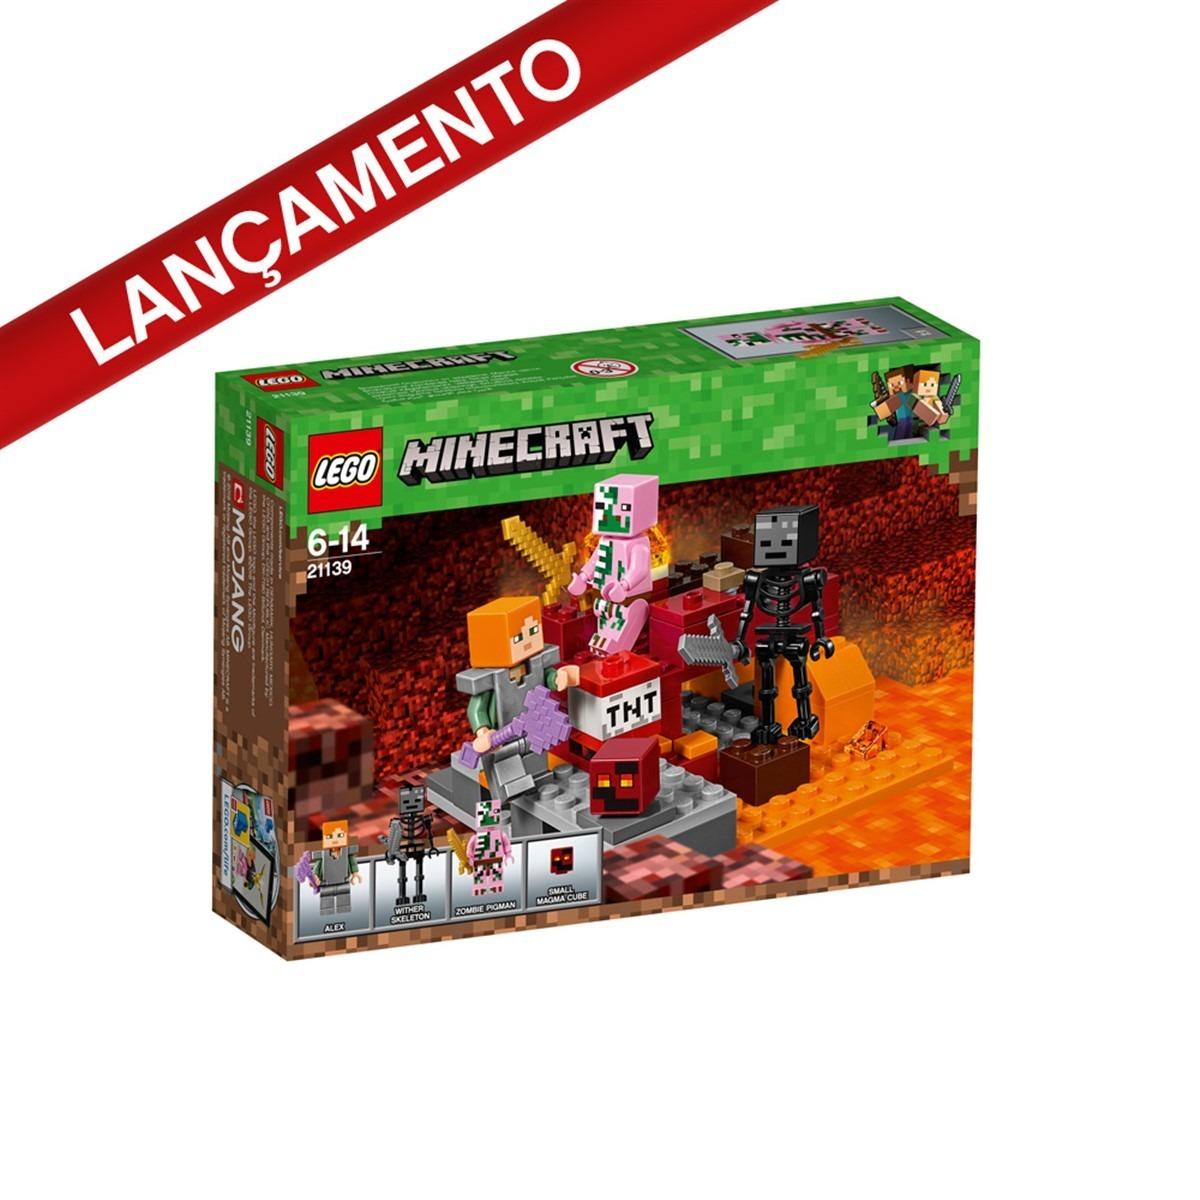 6e51f95fc3c8 lego minecraft 21139 o combate de nether com 84 peças. Carregando zoom.